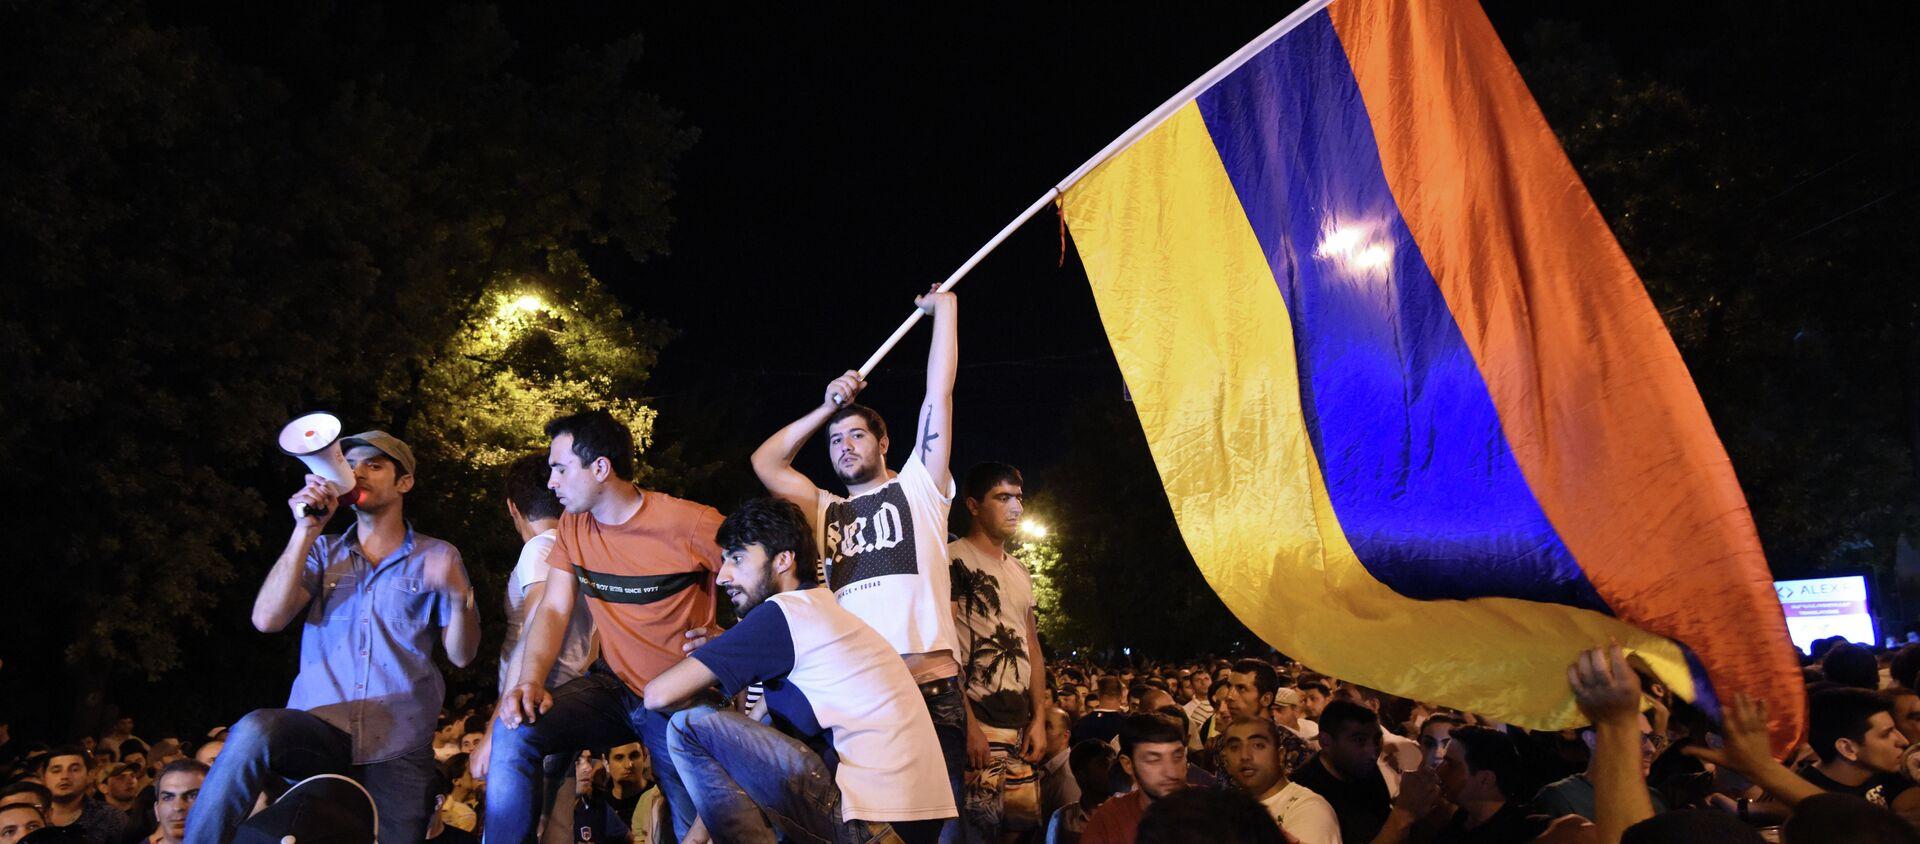 Акция протеста против повышения цен на электроэнергию в столице Ереване.23 июня 2015. - Sputnik Абхазия, 1920, 22.06.2021